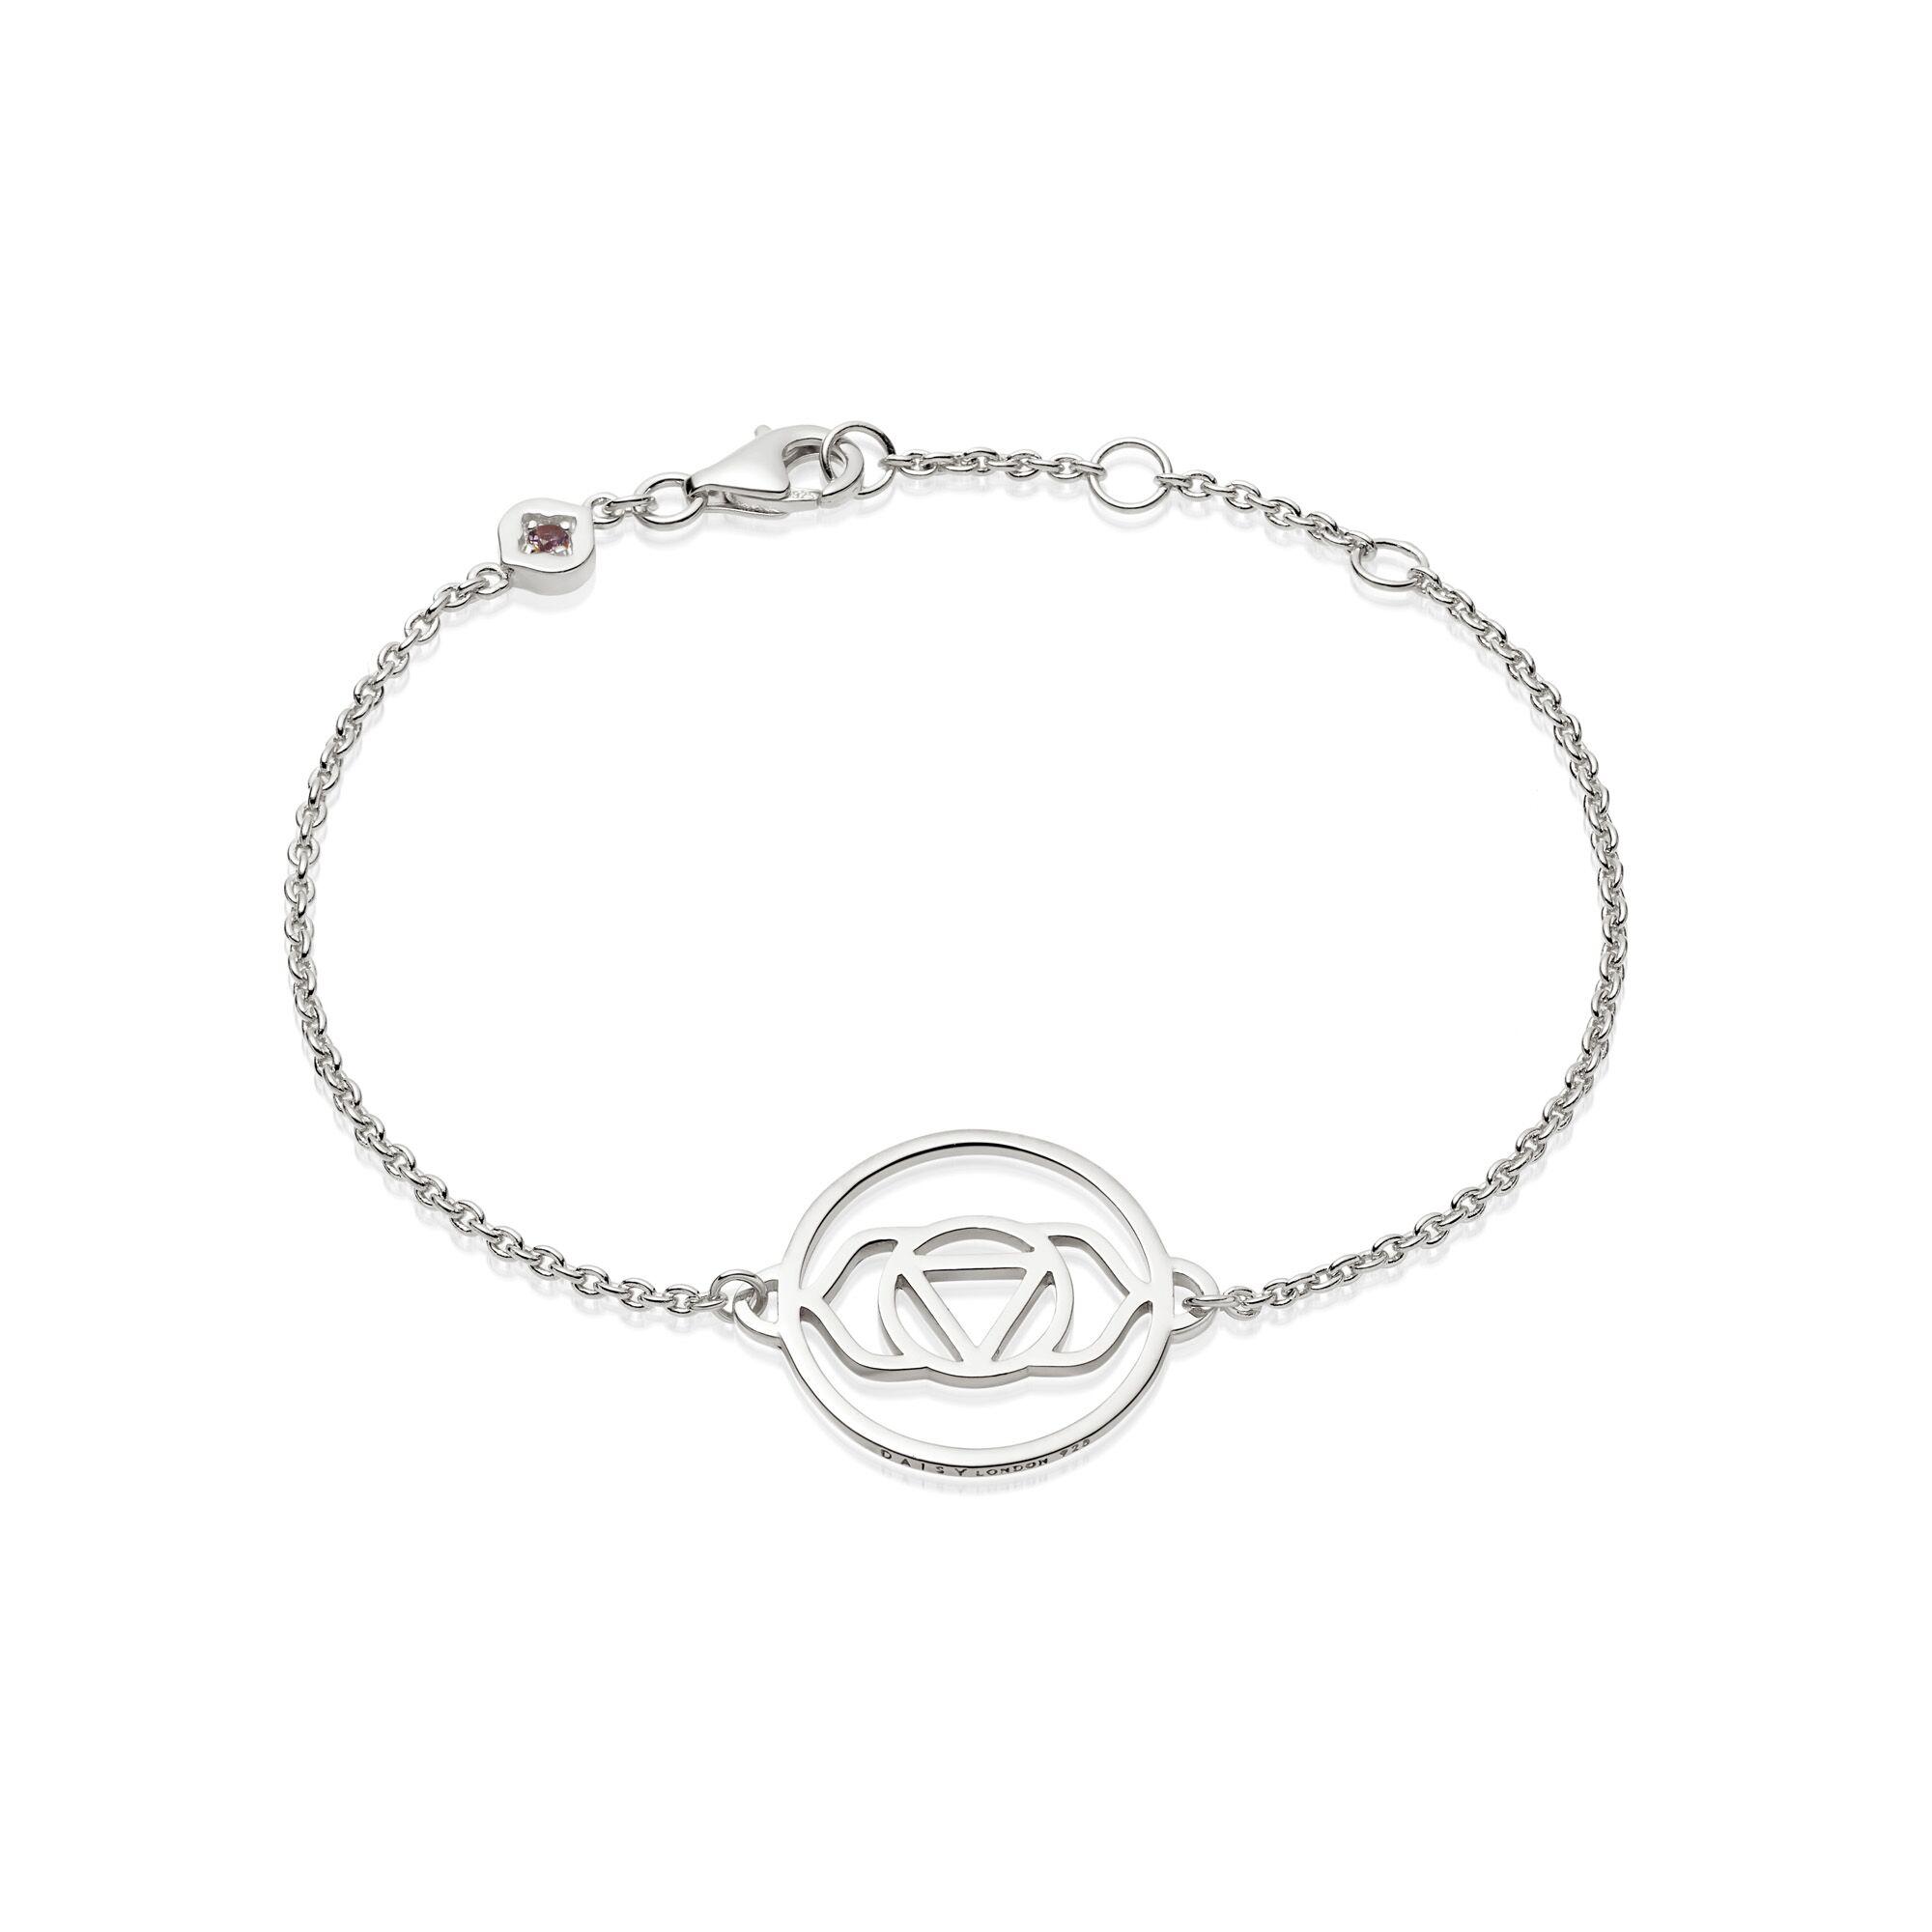 Brow Chakra Chain Bracelet - Silver